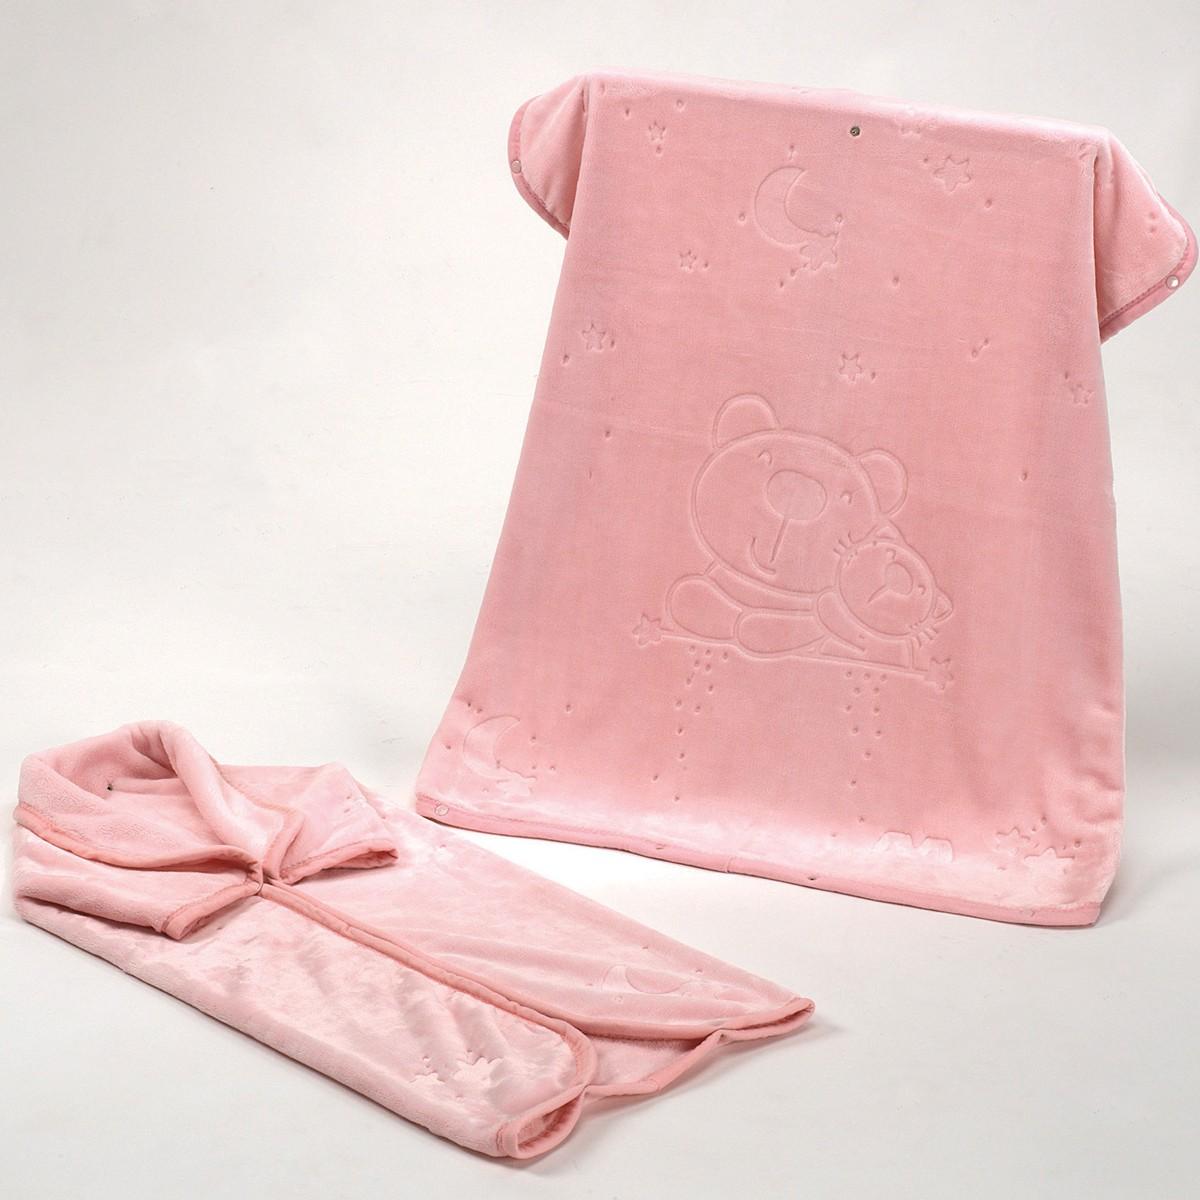 Υπνόσακος Κουβέρτα Βελουτέ Morven Baby Coat 923 Pink